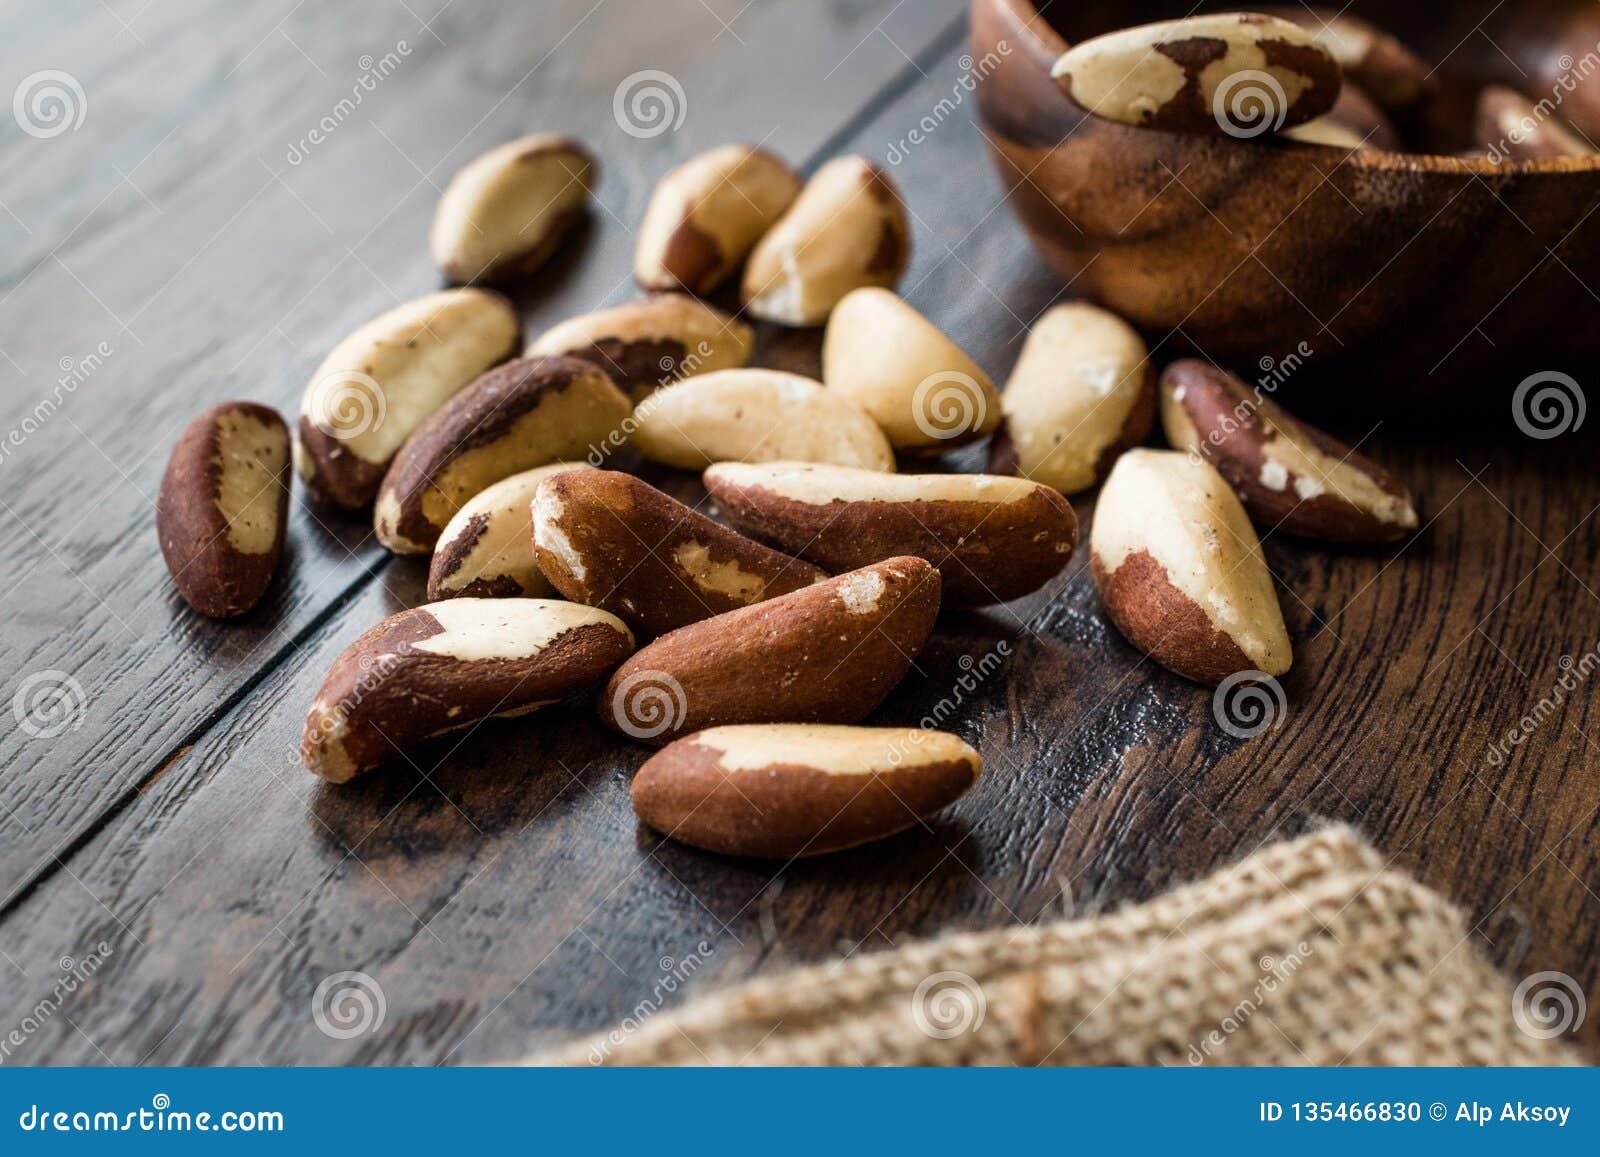 Pile organique crue de noix du brésil sans Shell